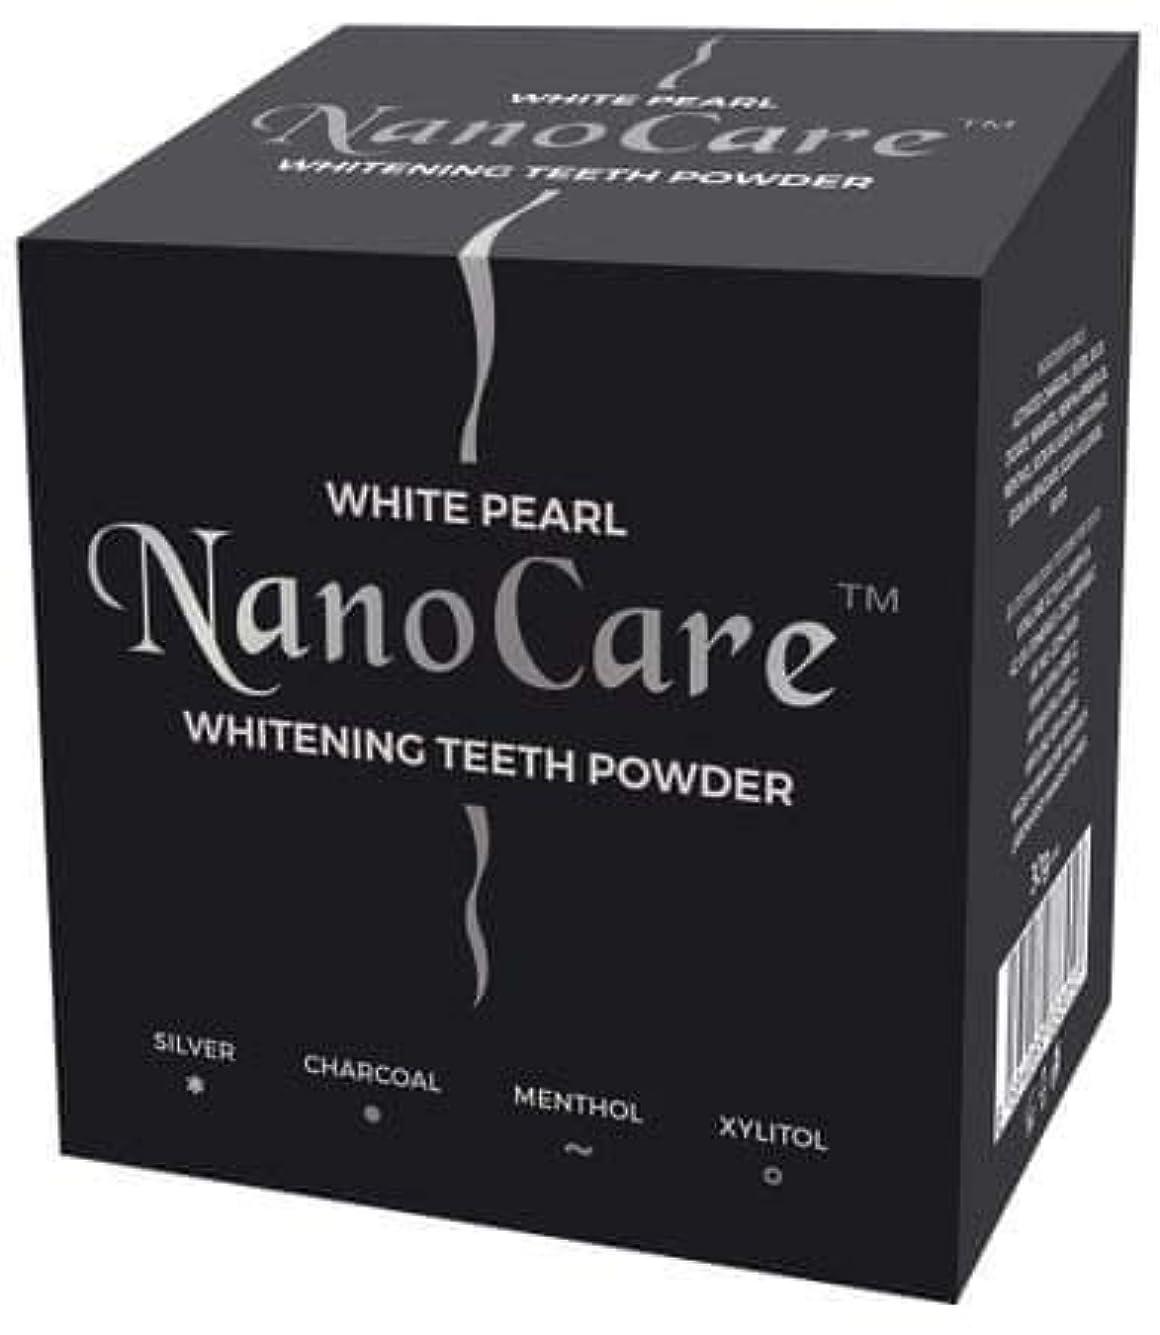 差別するフォーム実用的Nano Care Whitening Powder with Active Charcoal and Silver nanoparticles 30g Made in Korea / 活性炭と銀ナノ粒子30gのナノケアホワイトニングパウダー韓国製